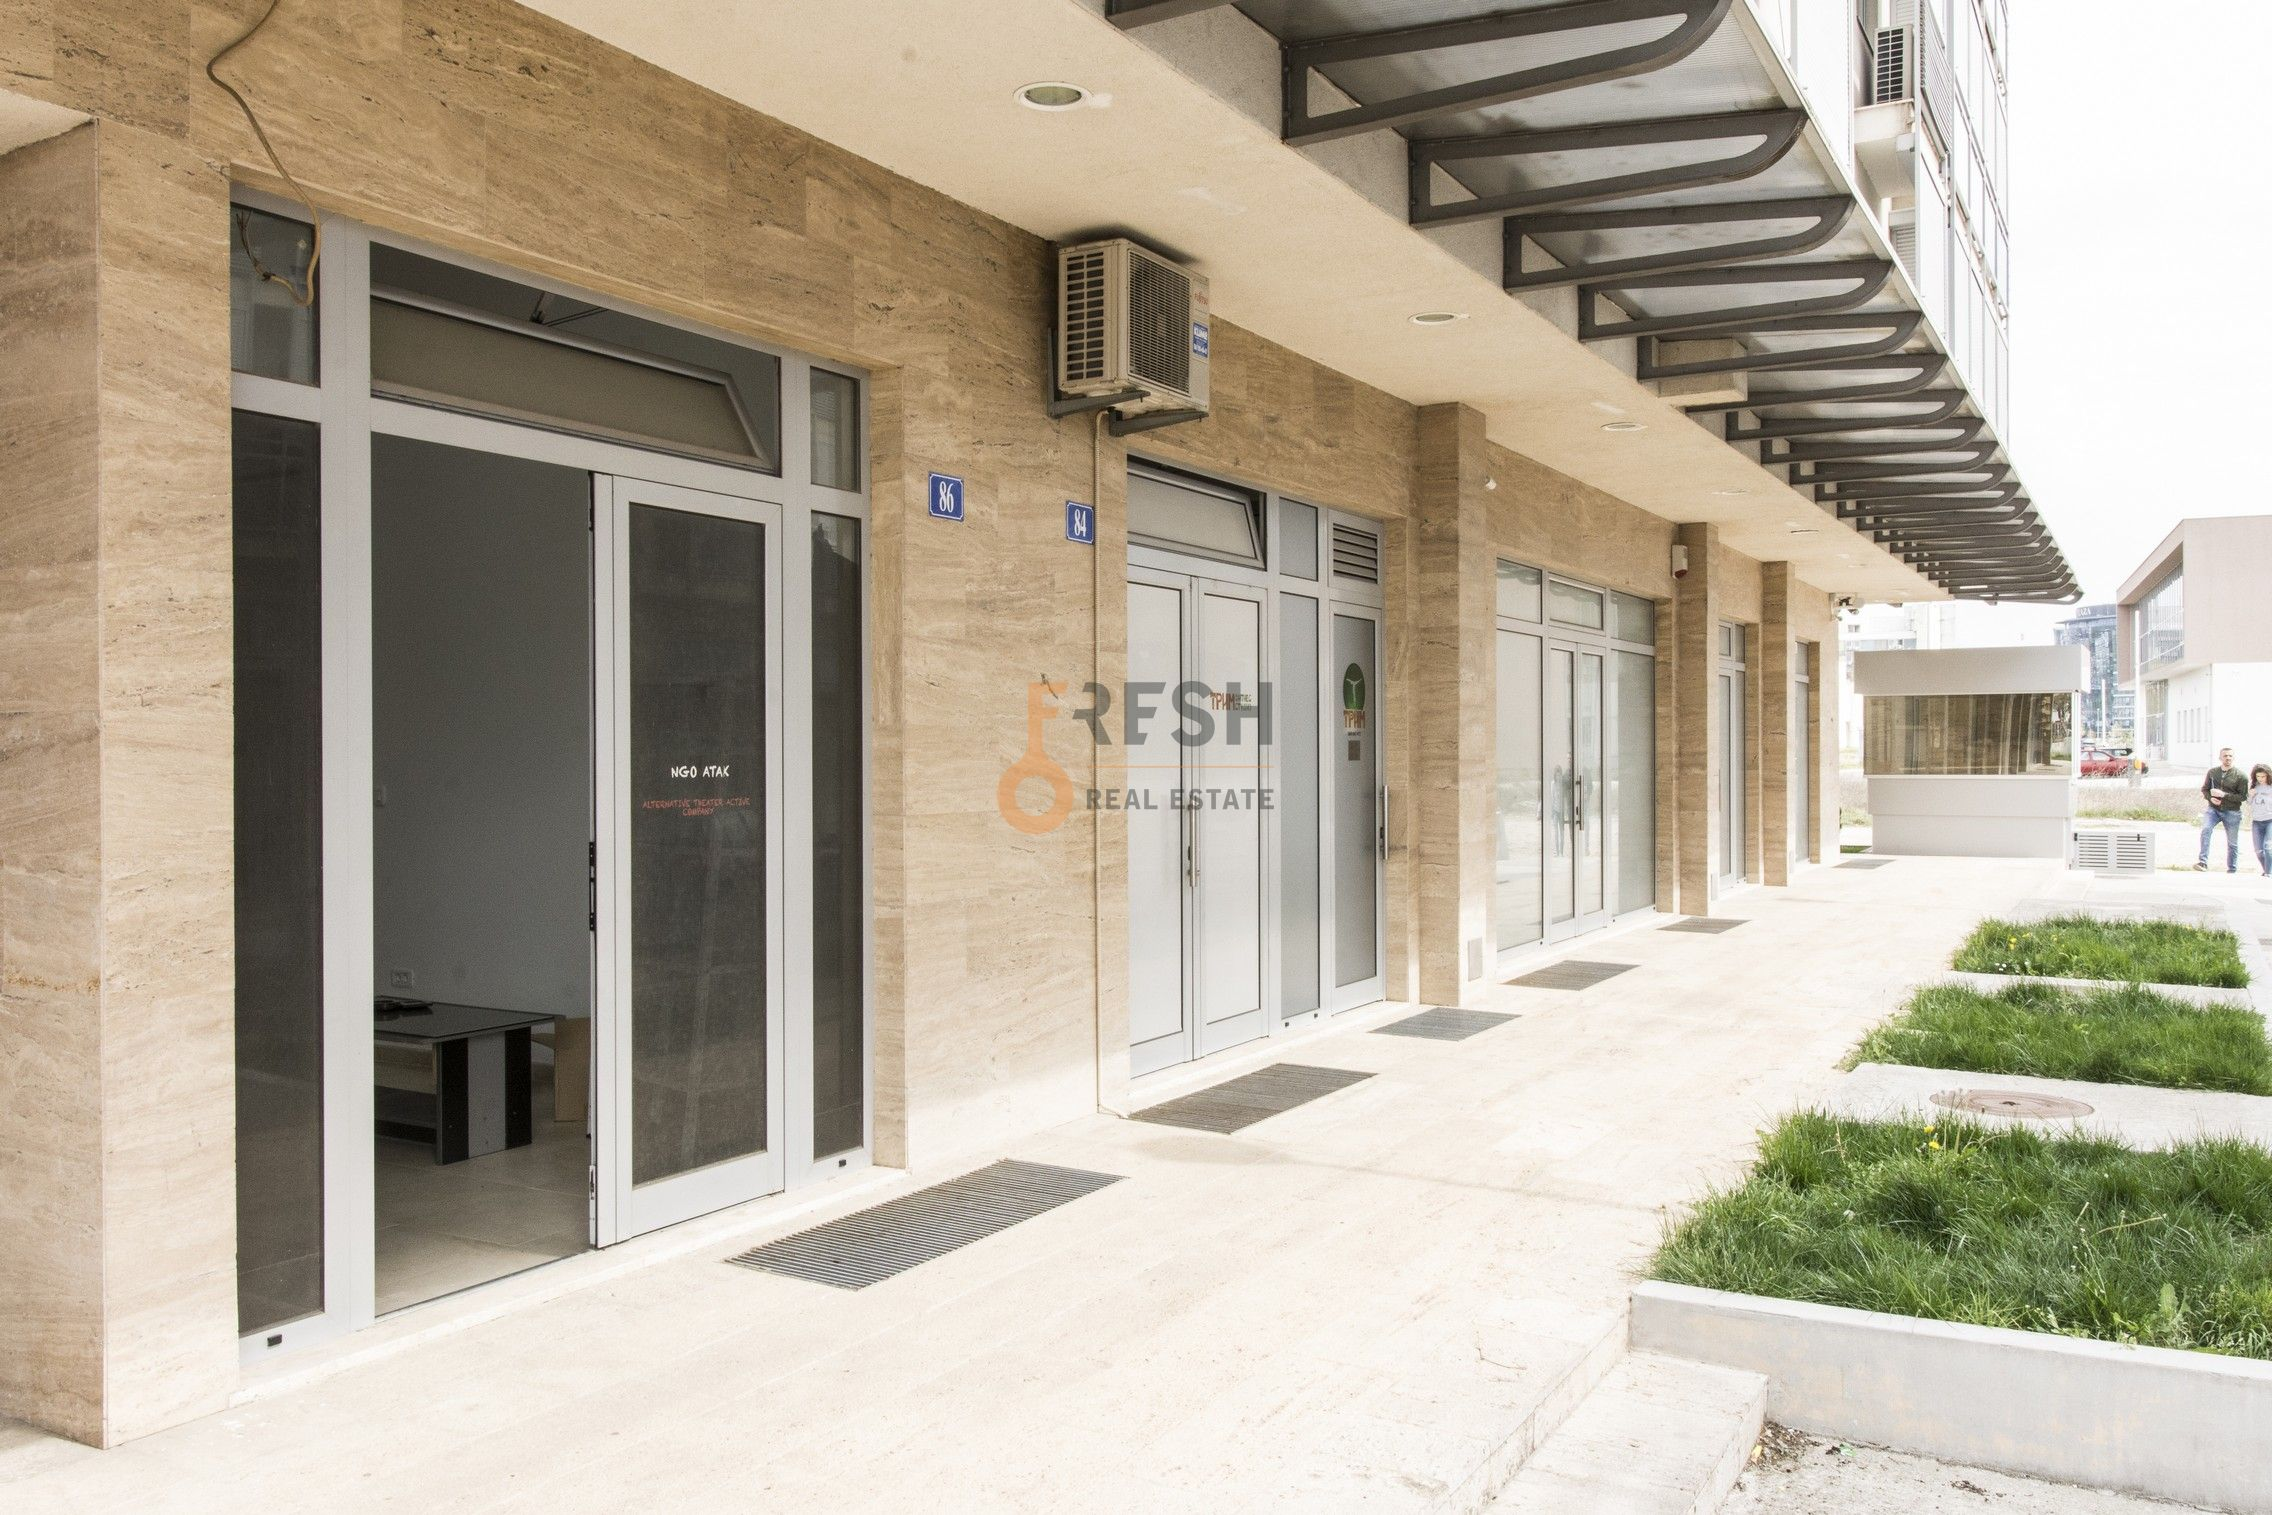 Poslovni prostor, površina 20m2, sređen, Tološki Apartmani. - 1